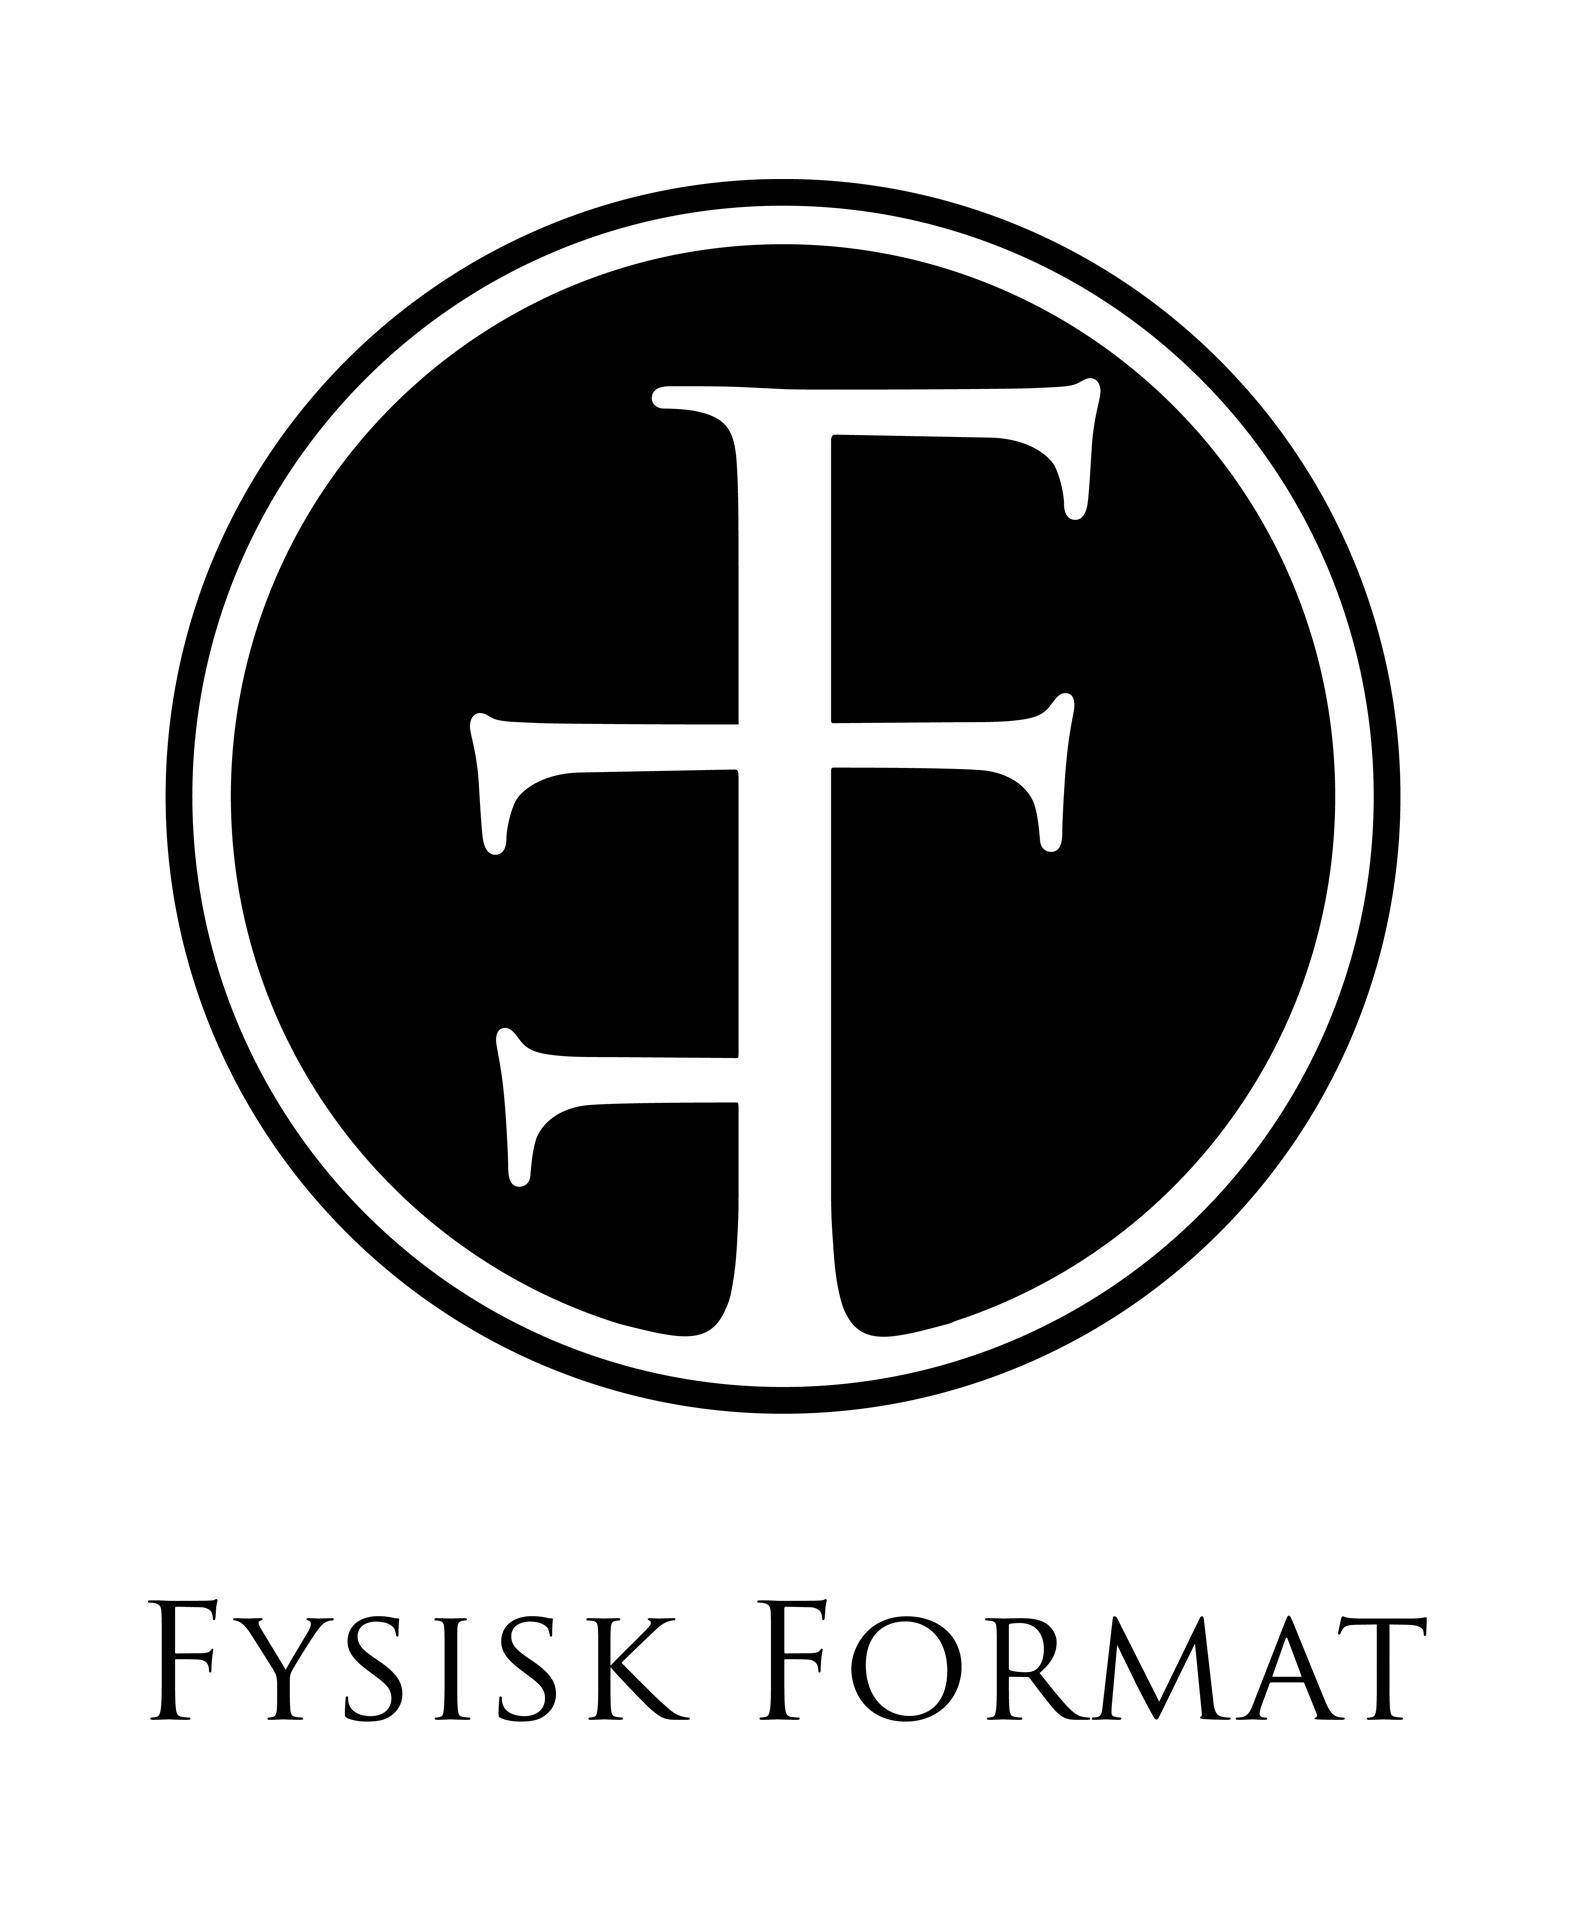 File:Fysisk Format Logo Black.jpg - Wikimedia Commons